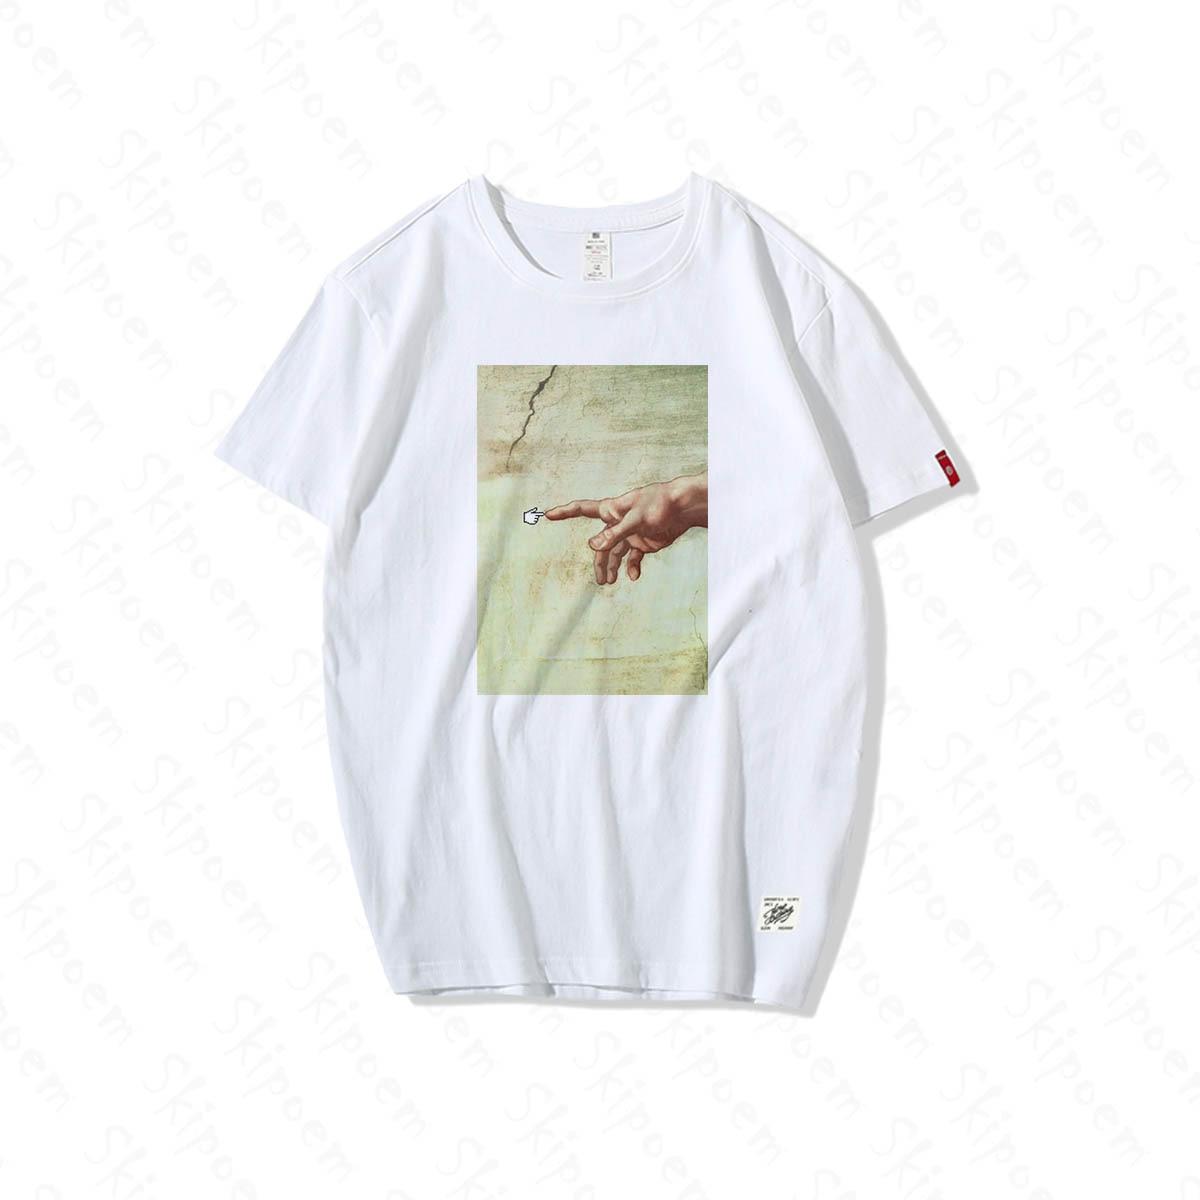 Arte y camiseta Digital hombres divertido y nuevo Casual Hip Hop Vintage Harajuku moda 100% algodón manga corta verano Tops Streetwear